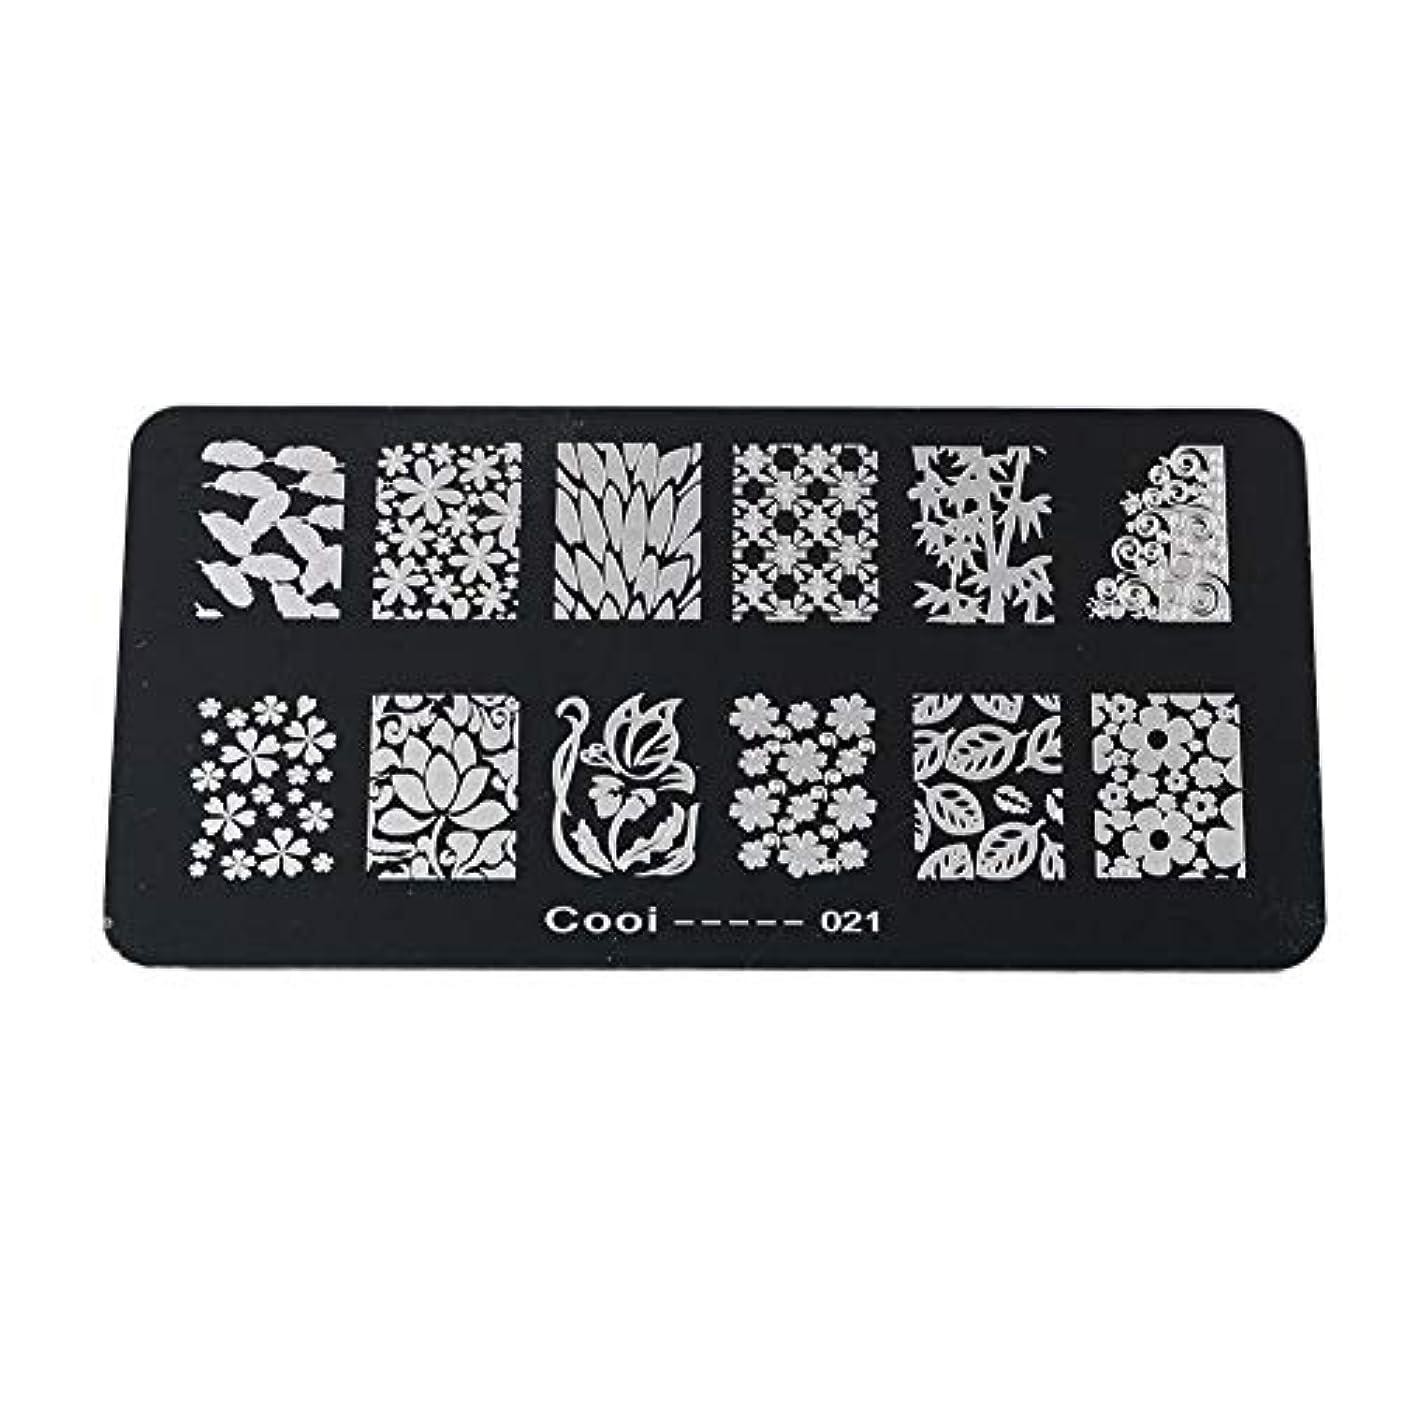 黒板降雨石炭耐久性のあるステンレス鋼の長方形のネイルアートスタンピングプレート-DIYマニキュア印刷イメージテンプレート(05)